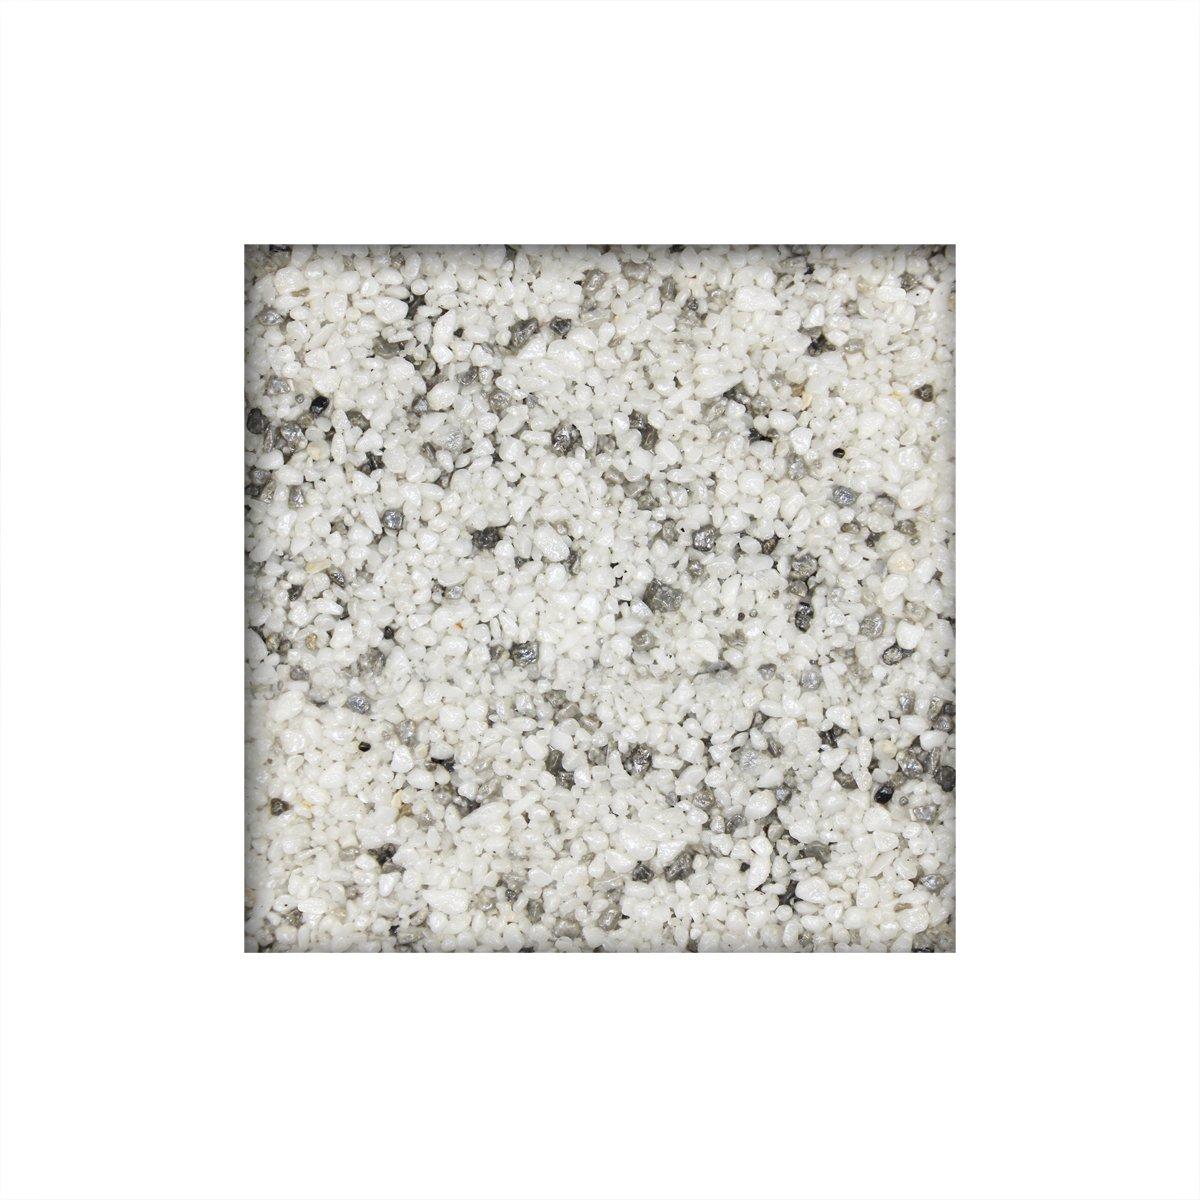 2,3 m/² direkt vom KiesK/önig/® Carnico Tence Marmorkies inkl 25 kg Steinteppich 1K Bindemittel 2-4 mm ausreichend f/ür ca